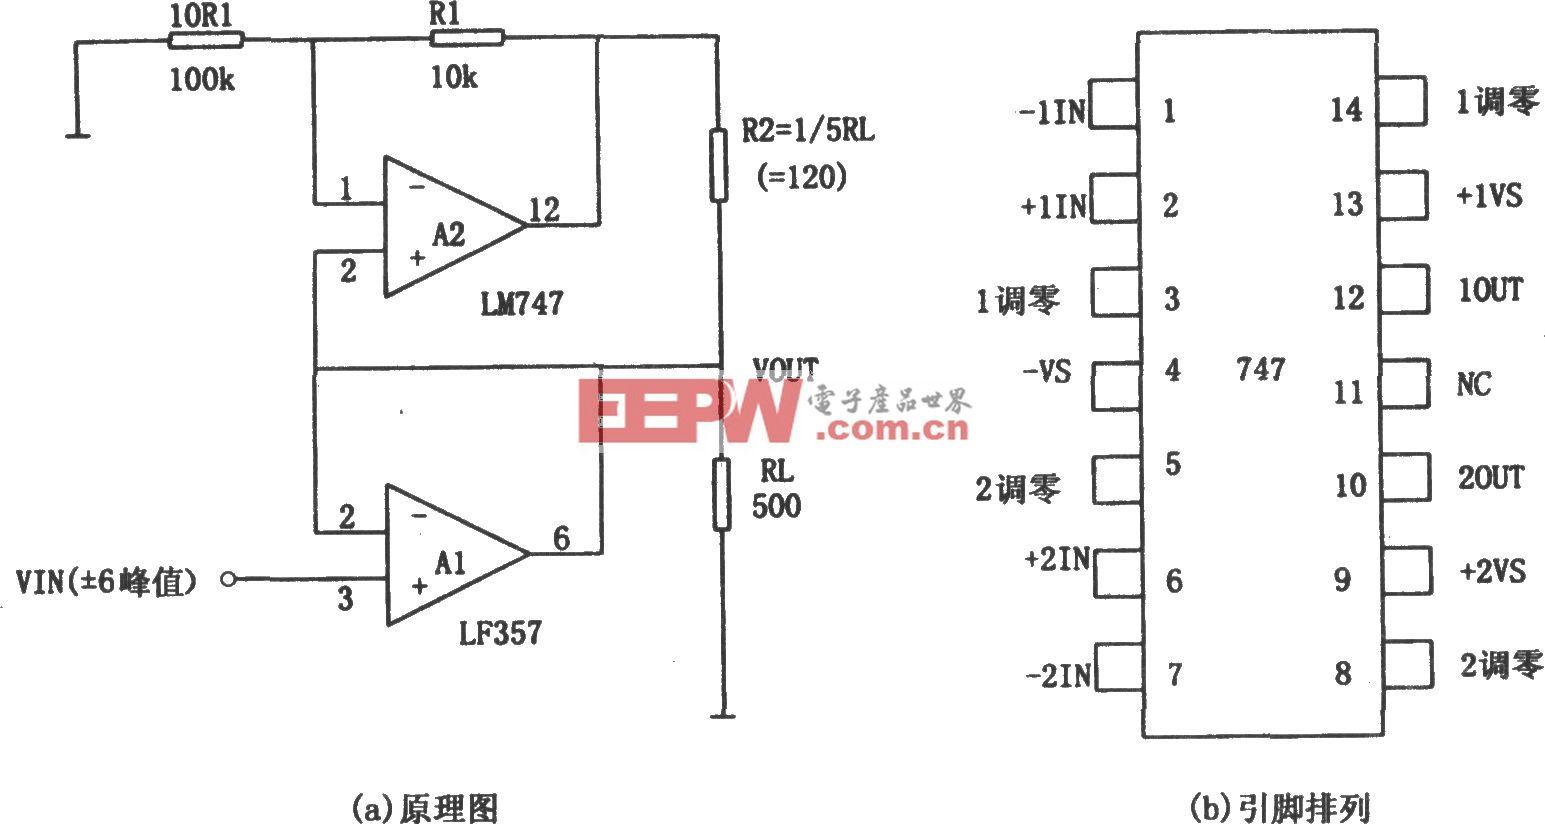 自举复合放大缓冲器(LM747、LF357)